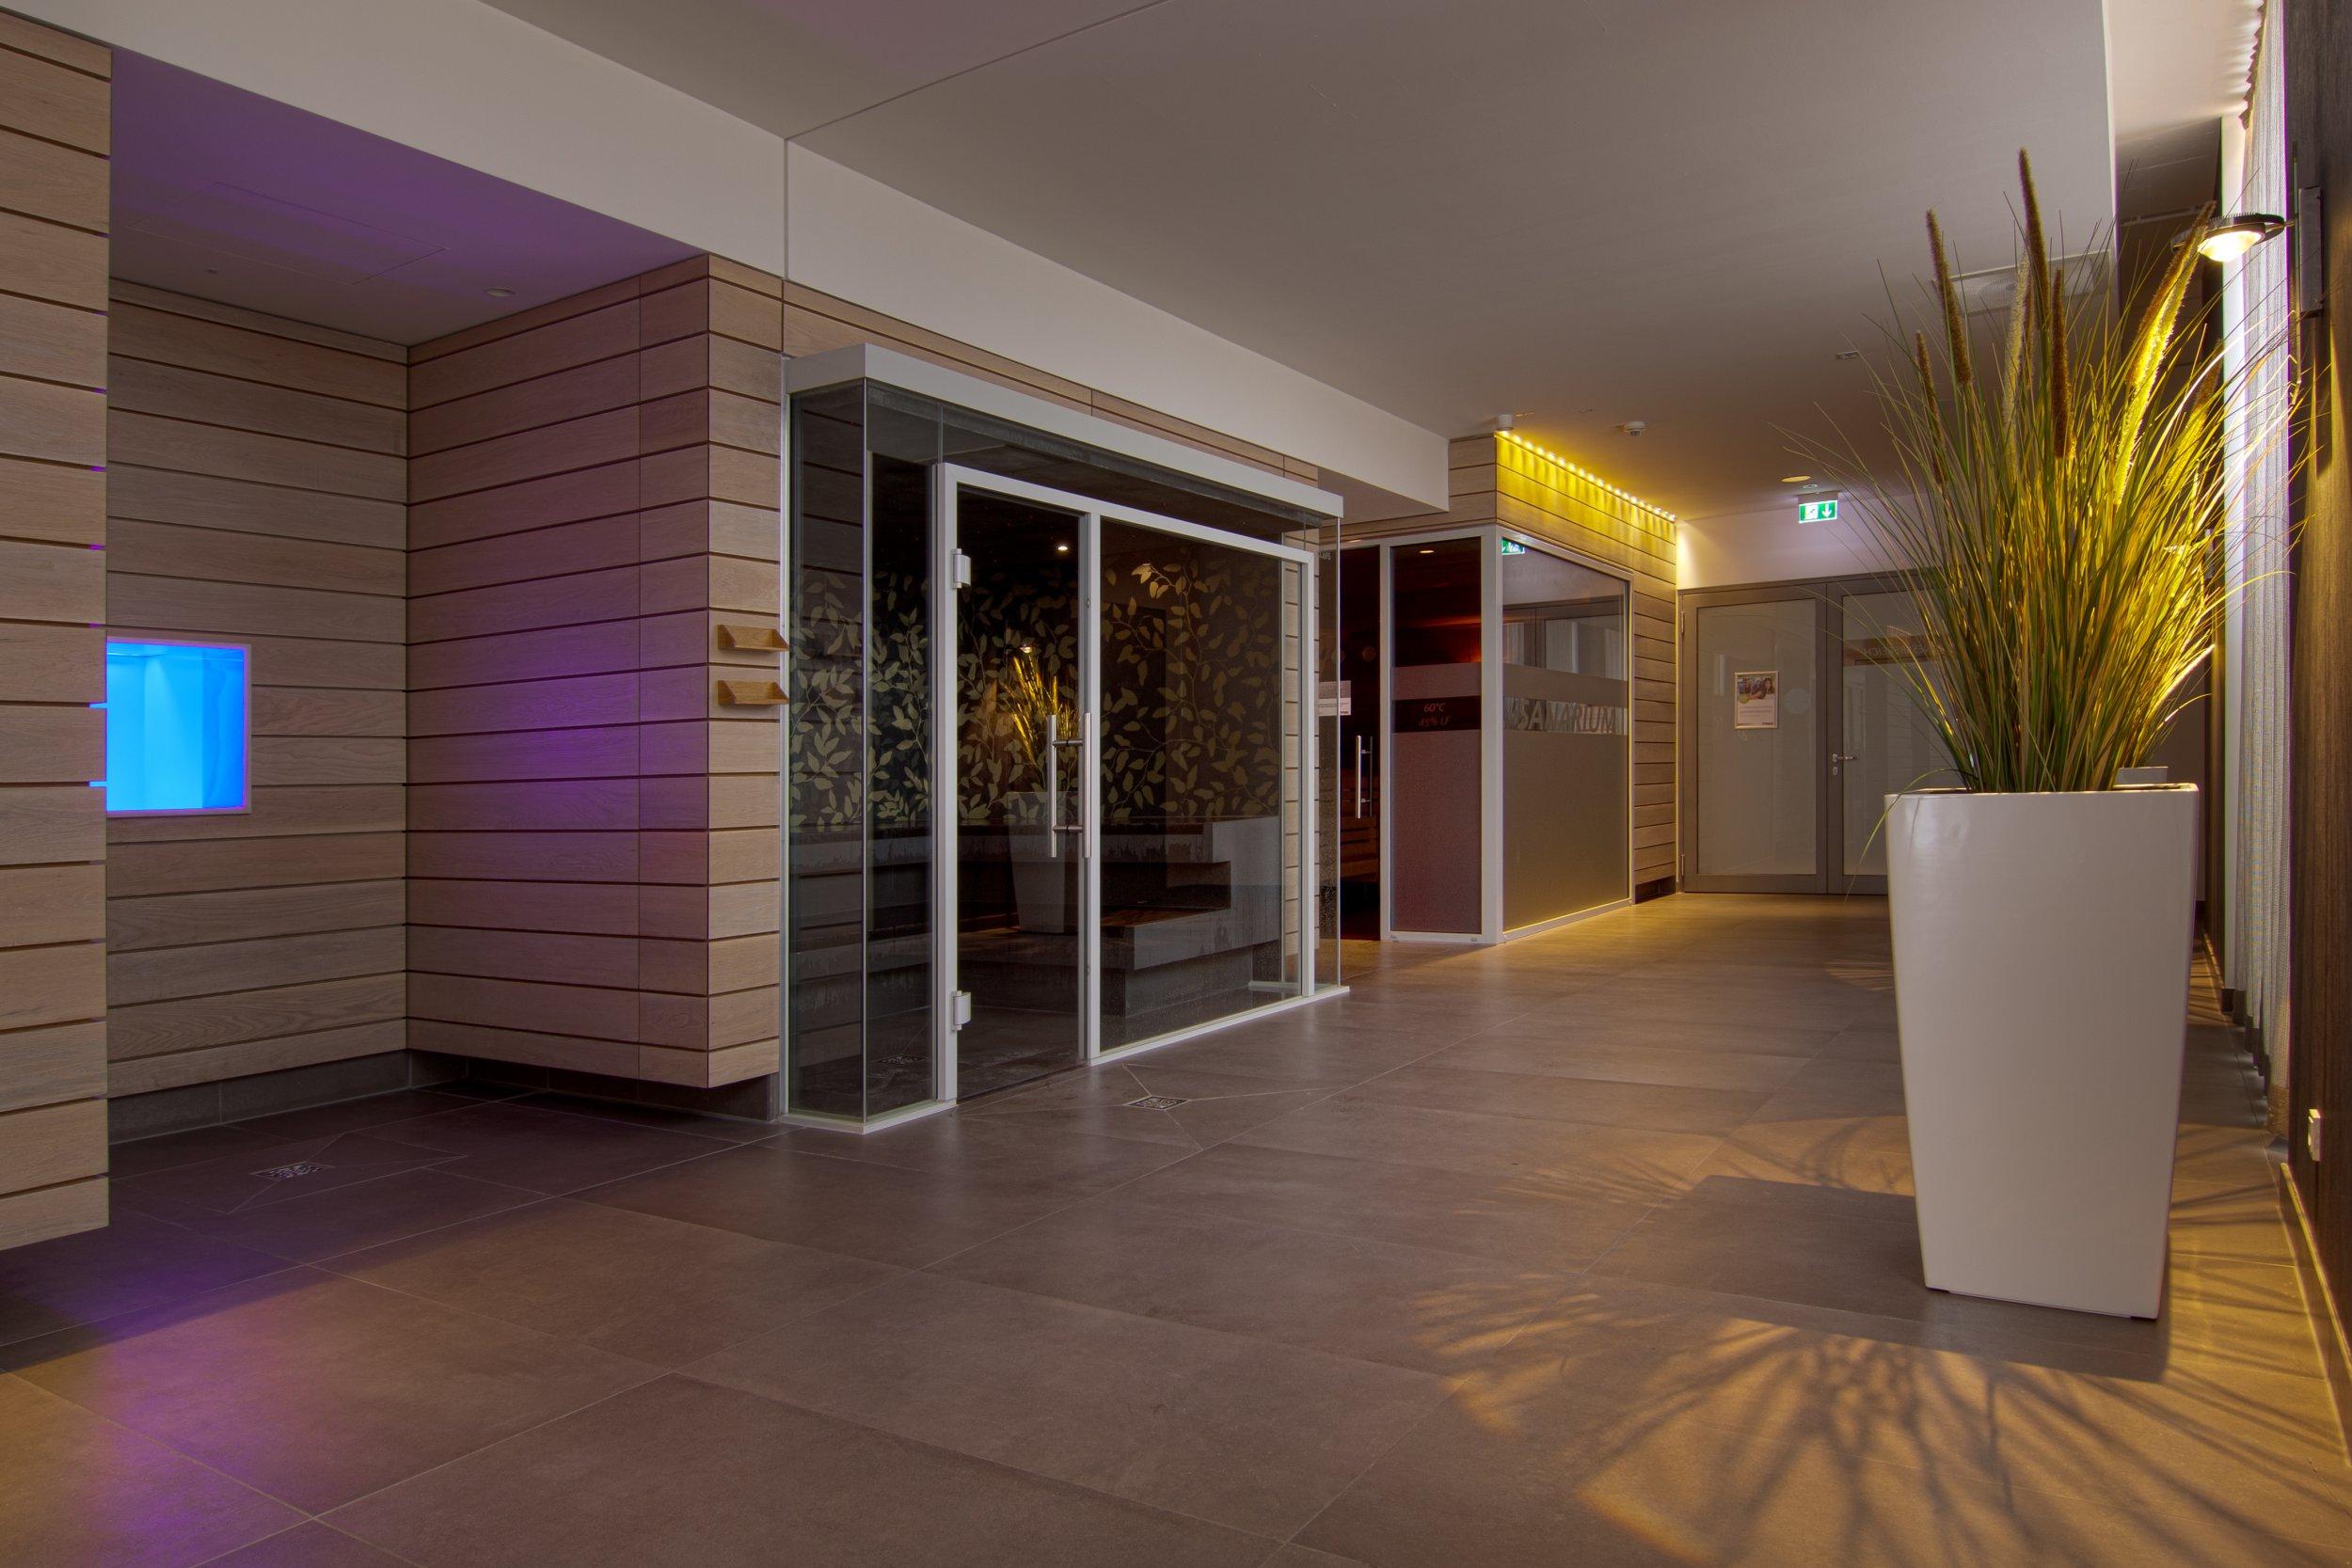 stuttgart killesberg fitness 4x in stuttgart. Black Bedroom Furniture Sets. Home Design Ideas